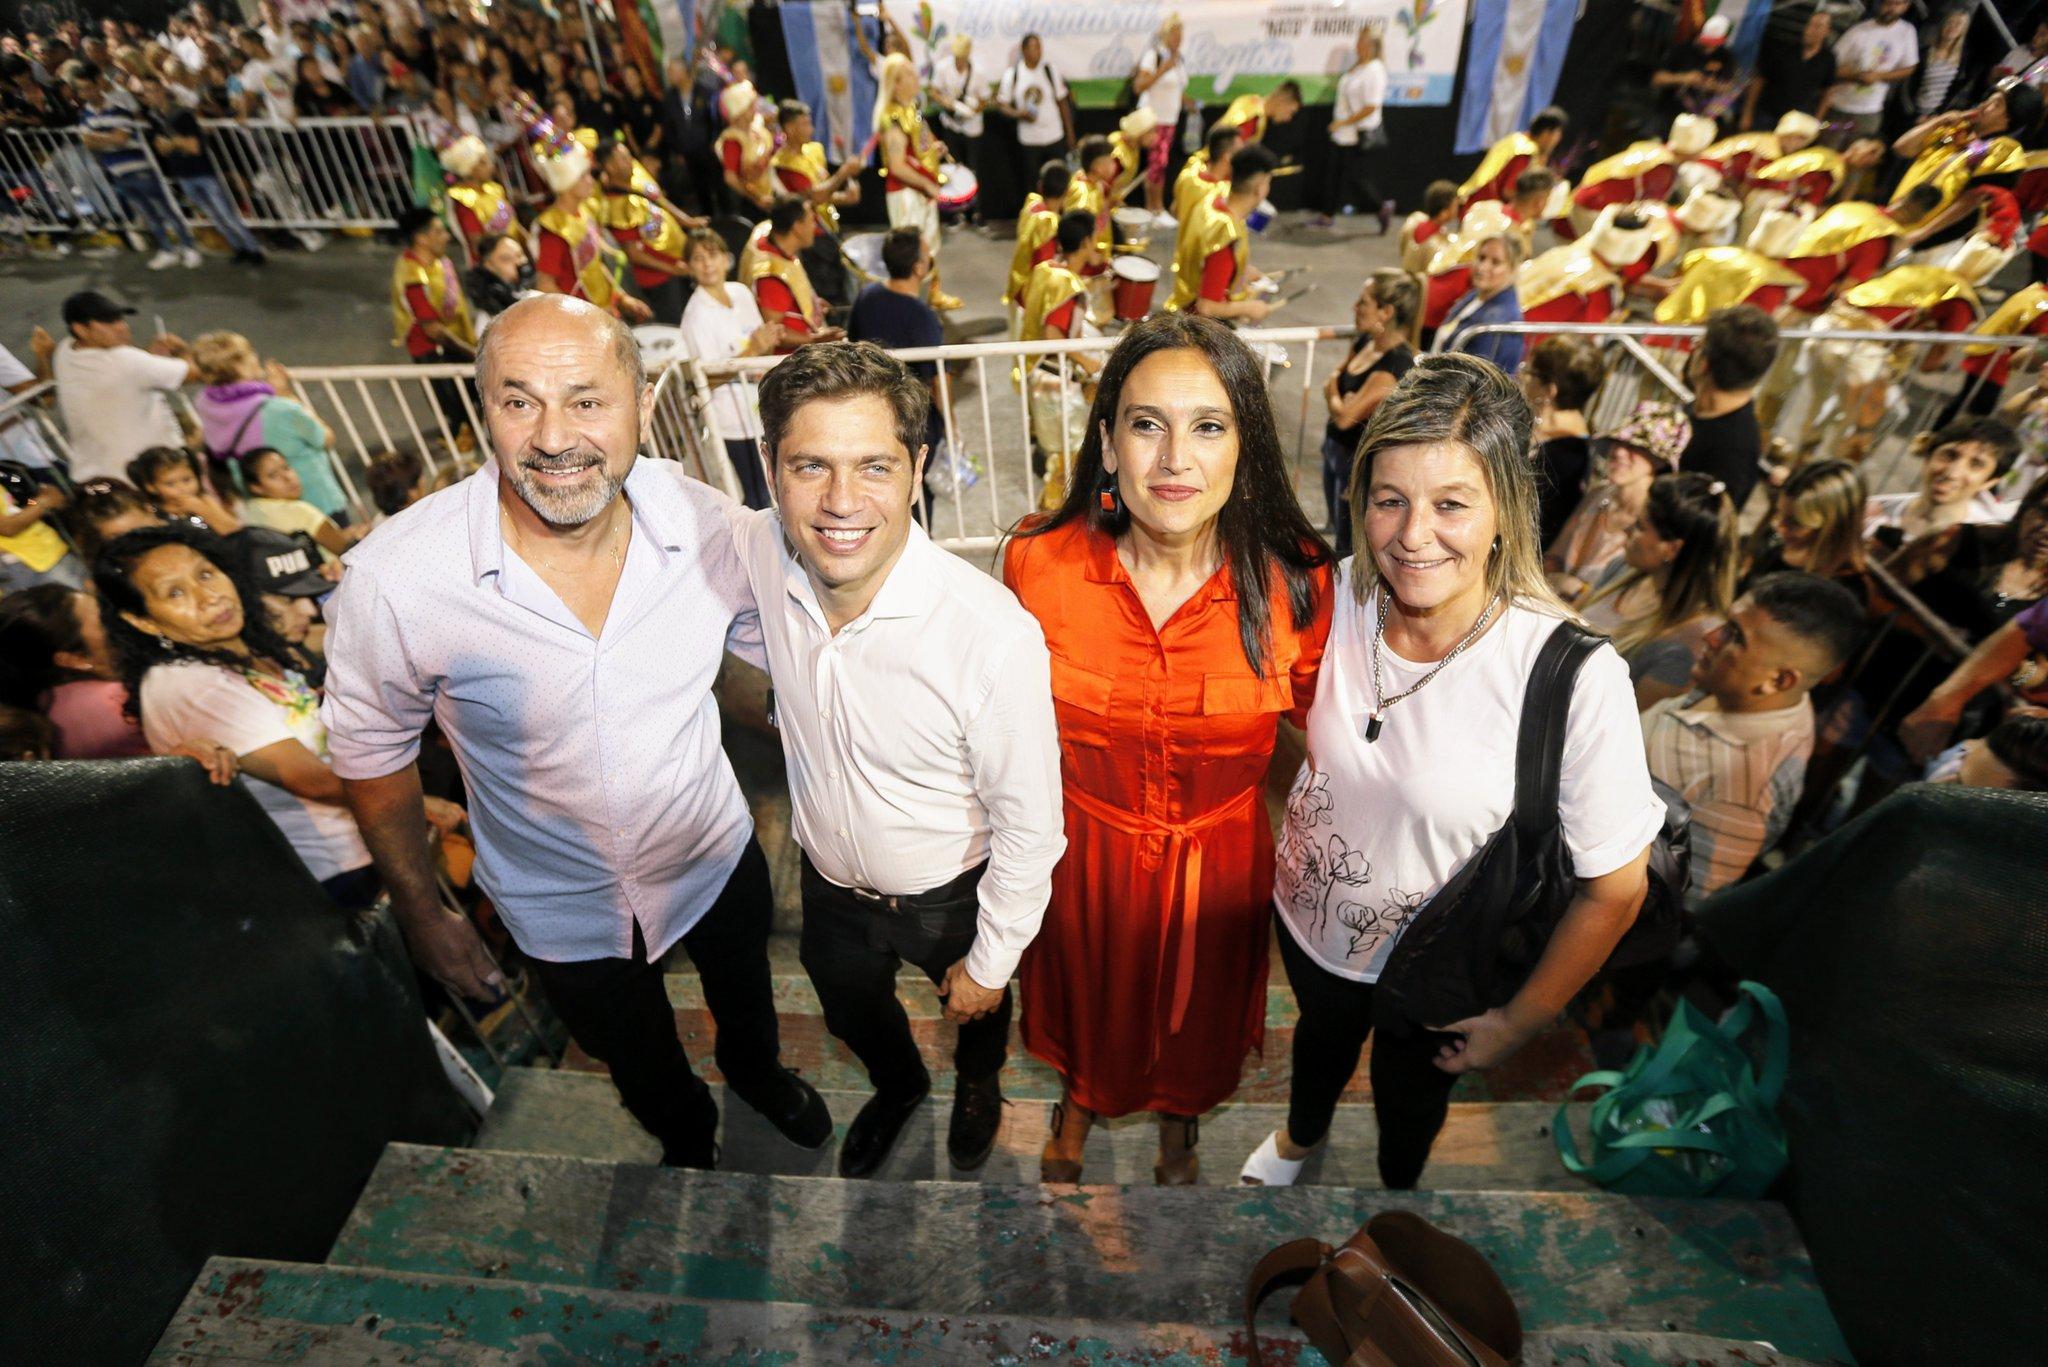 Axel Kicillof y su compañera se fueron a Ensenada para celebrar el Carnaval